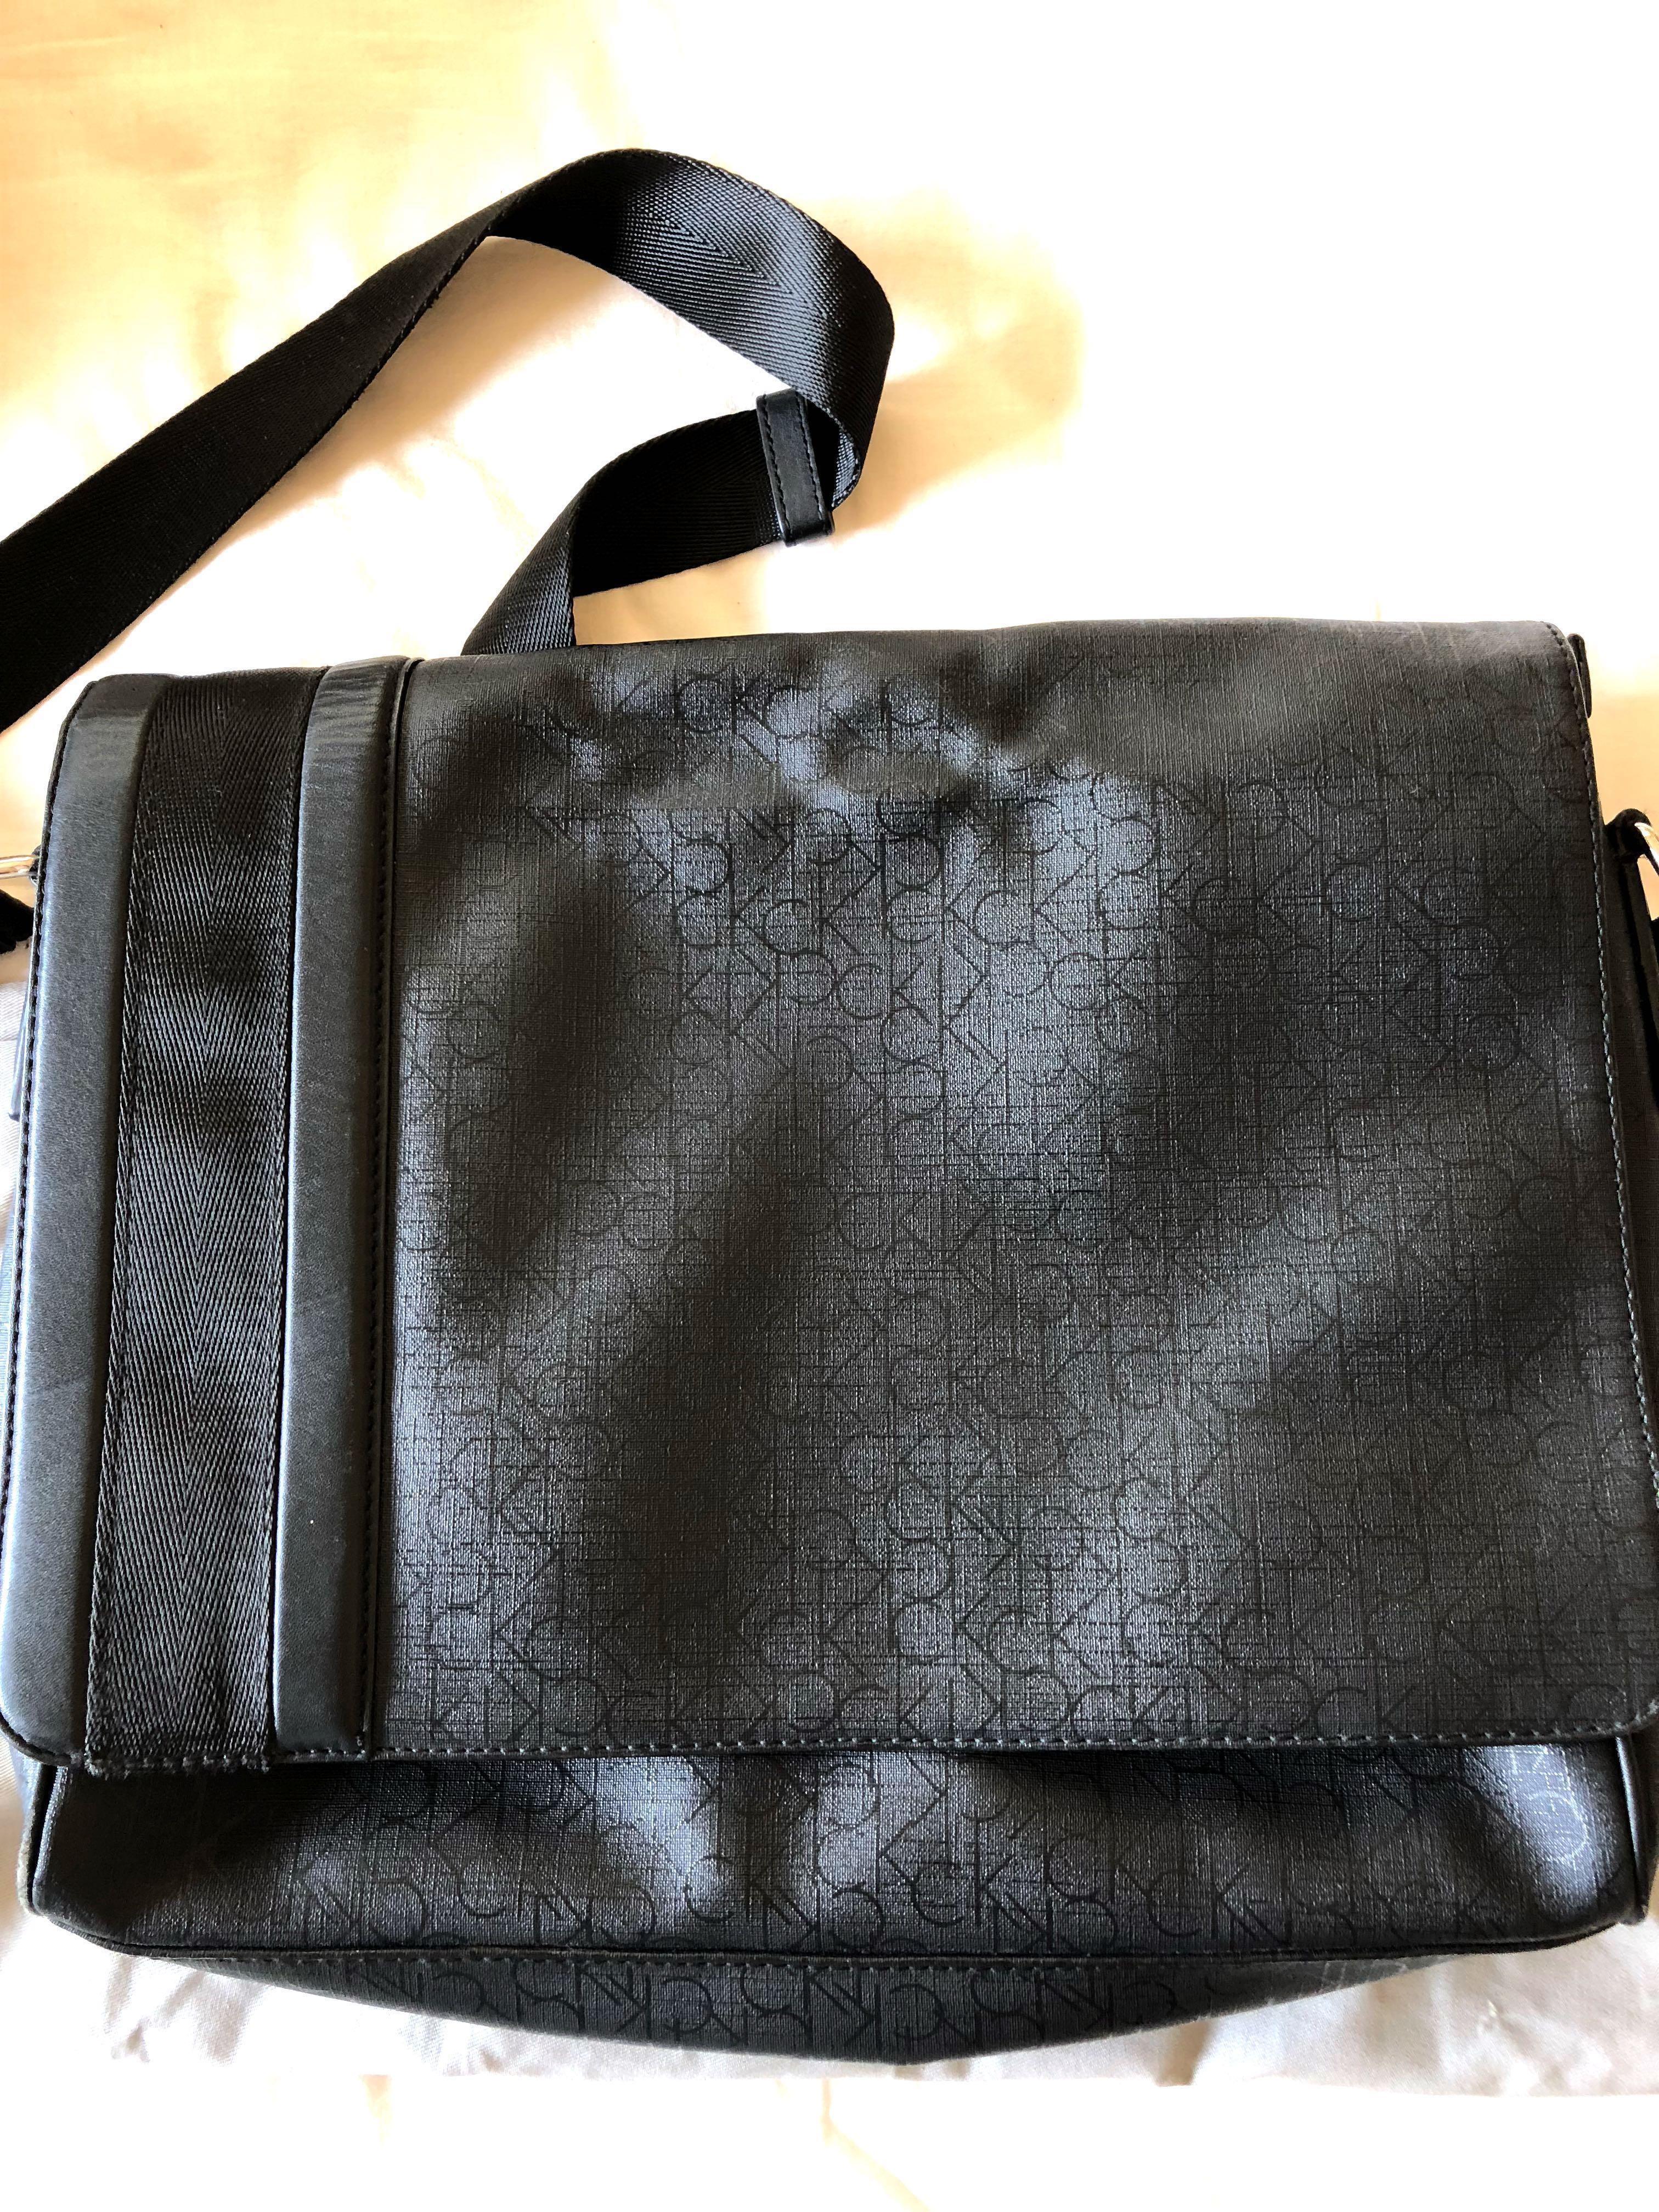 3bb421c55b Calvin Klein Messenger Bag Authentic, Men's Fashion, Bags & Wallets ...